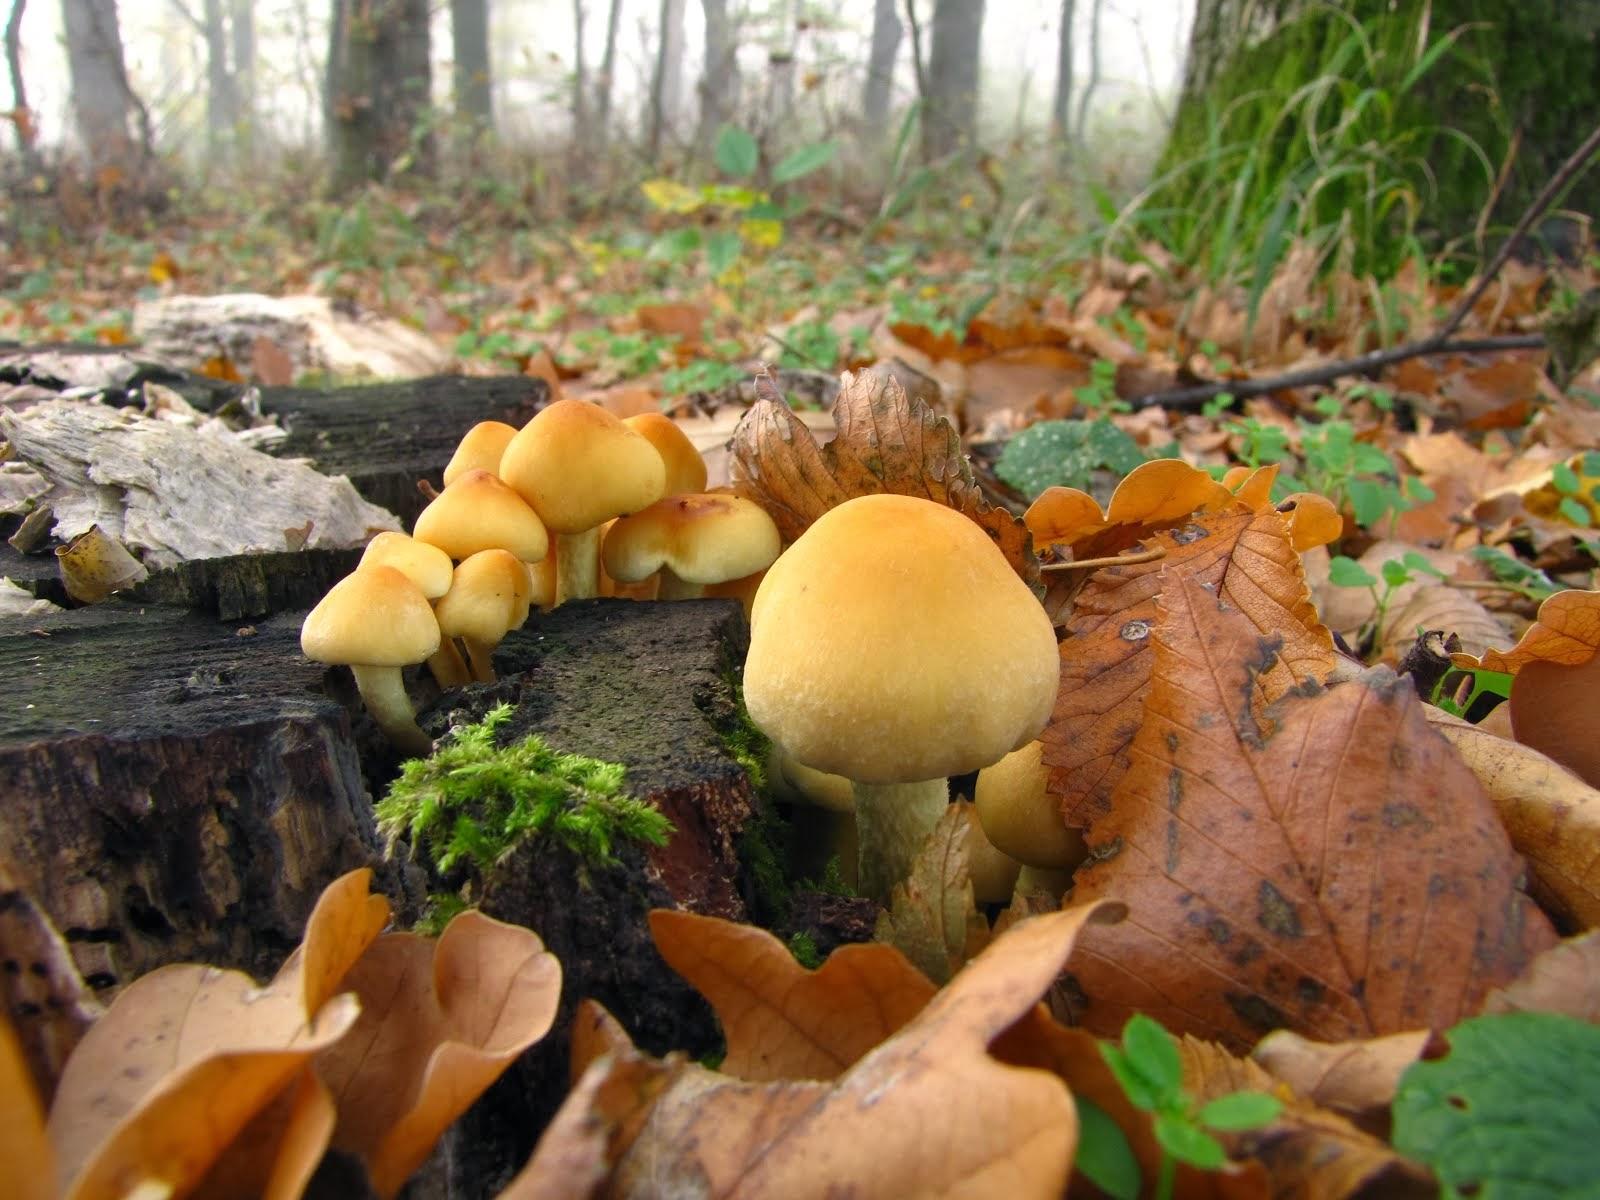 Galeria mea cu ciuperci    (My mushrooms gallery)